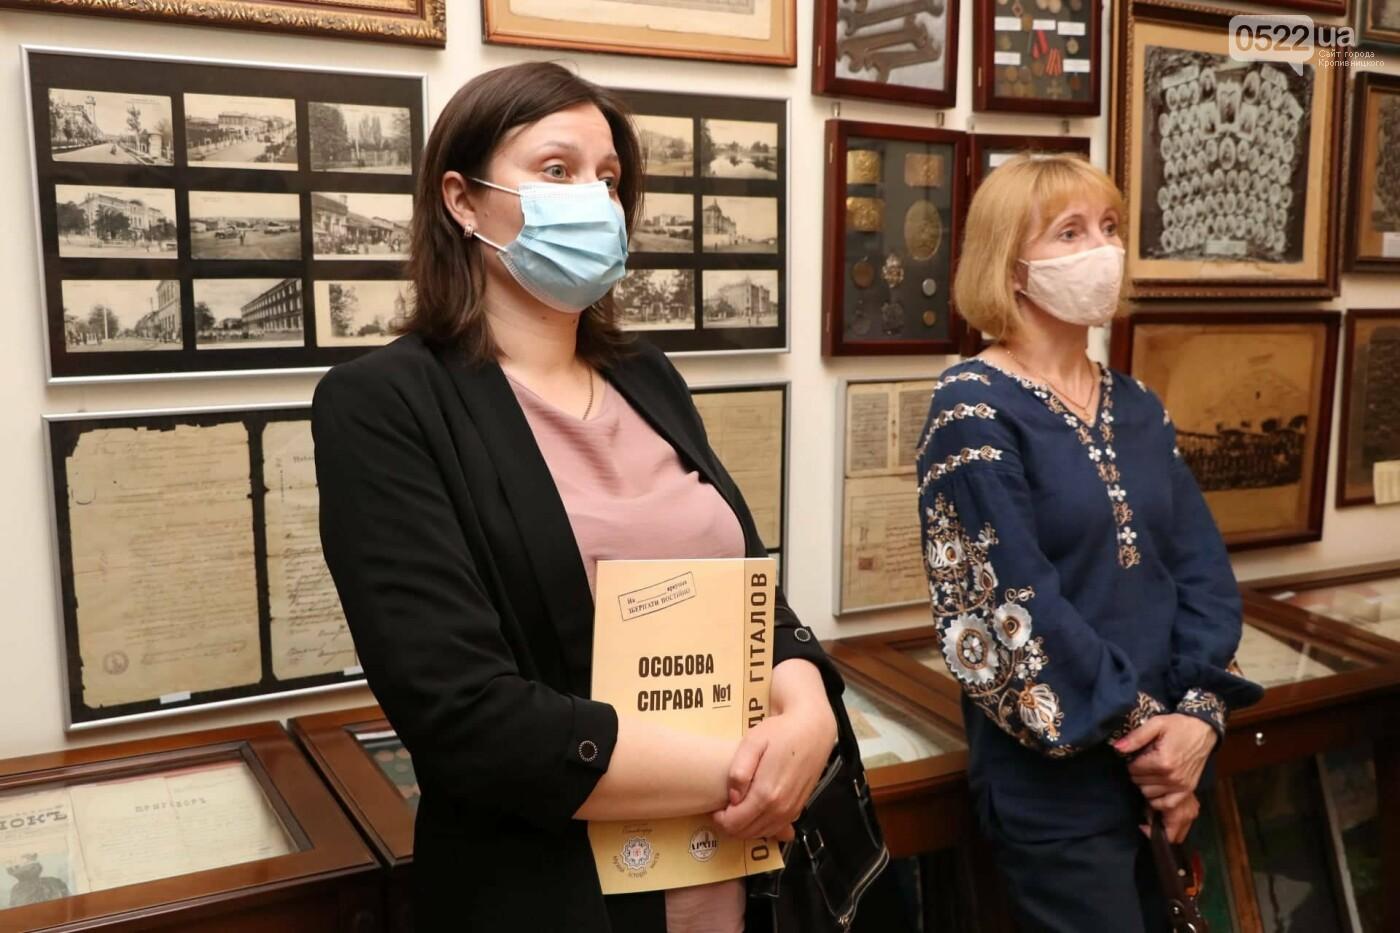 «Особову справу №1» про Олександра Гіталова презентували в Кропивницькому, фото-3